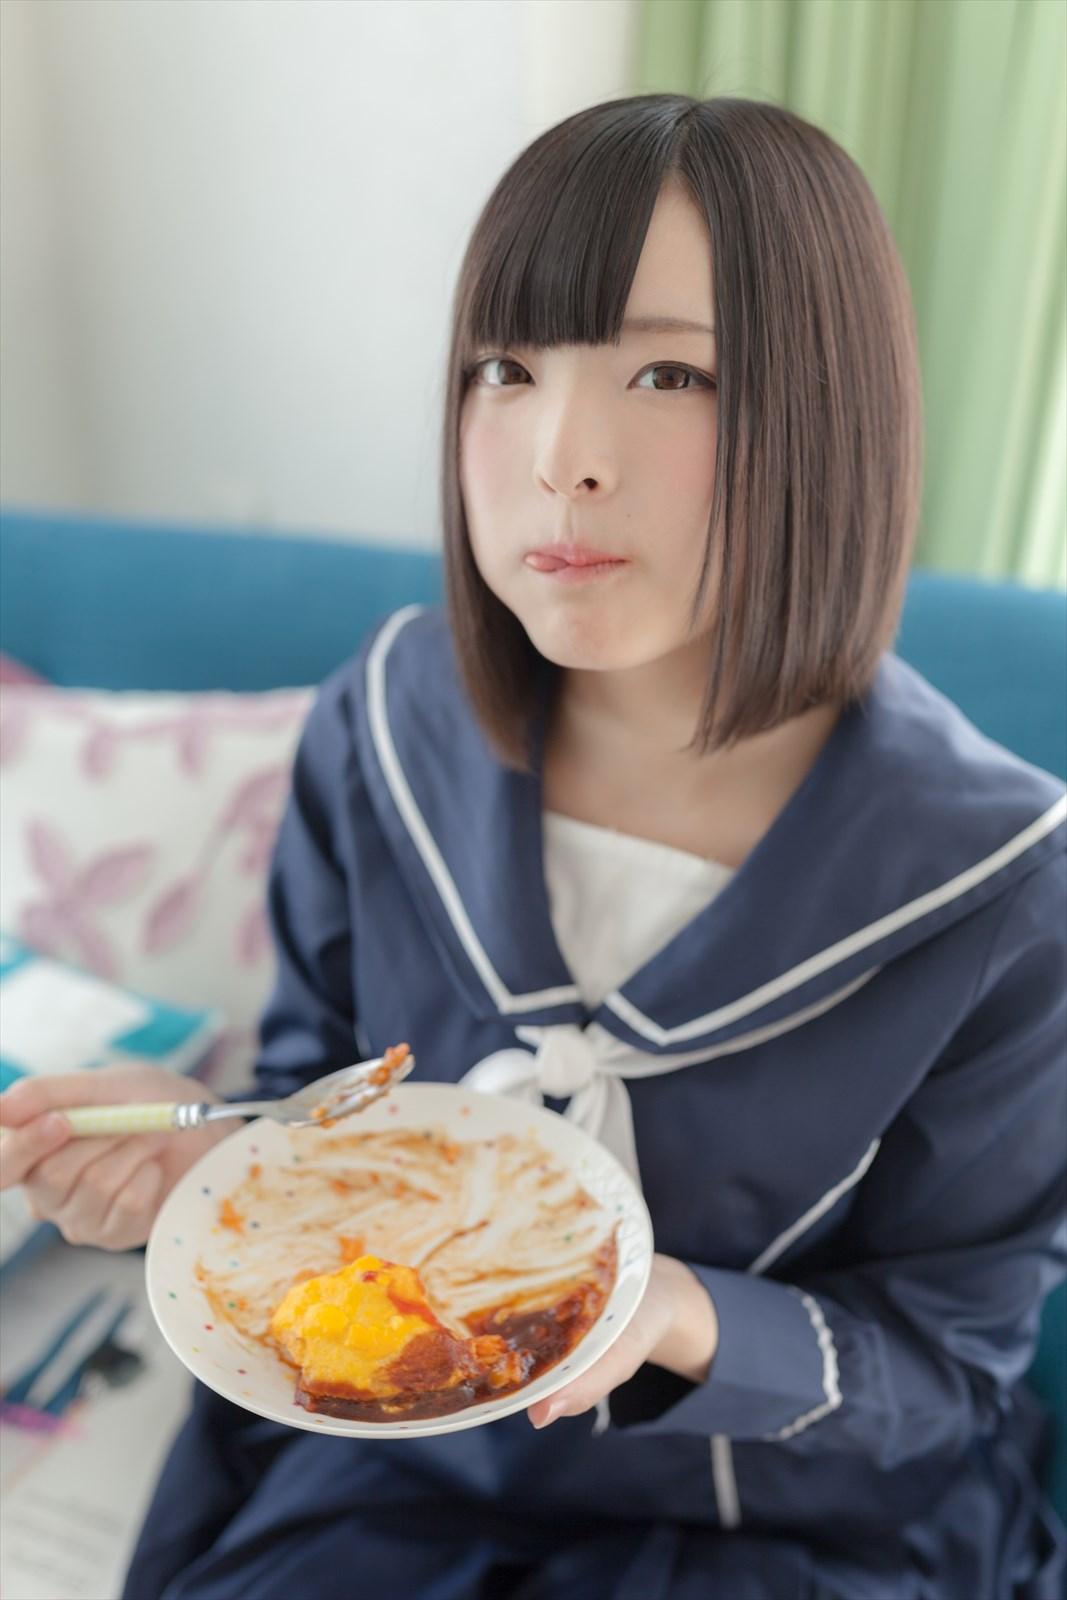 【兔玩映画】学妹的情书 兔玩映画 第32张